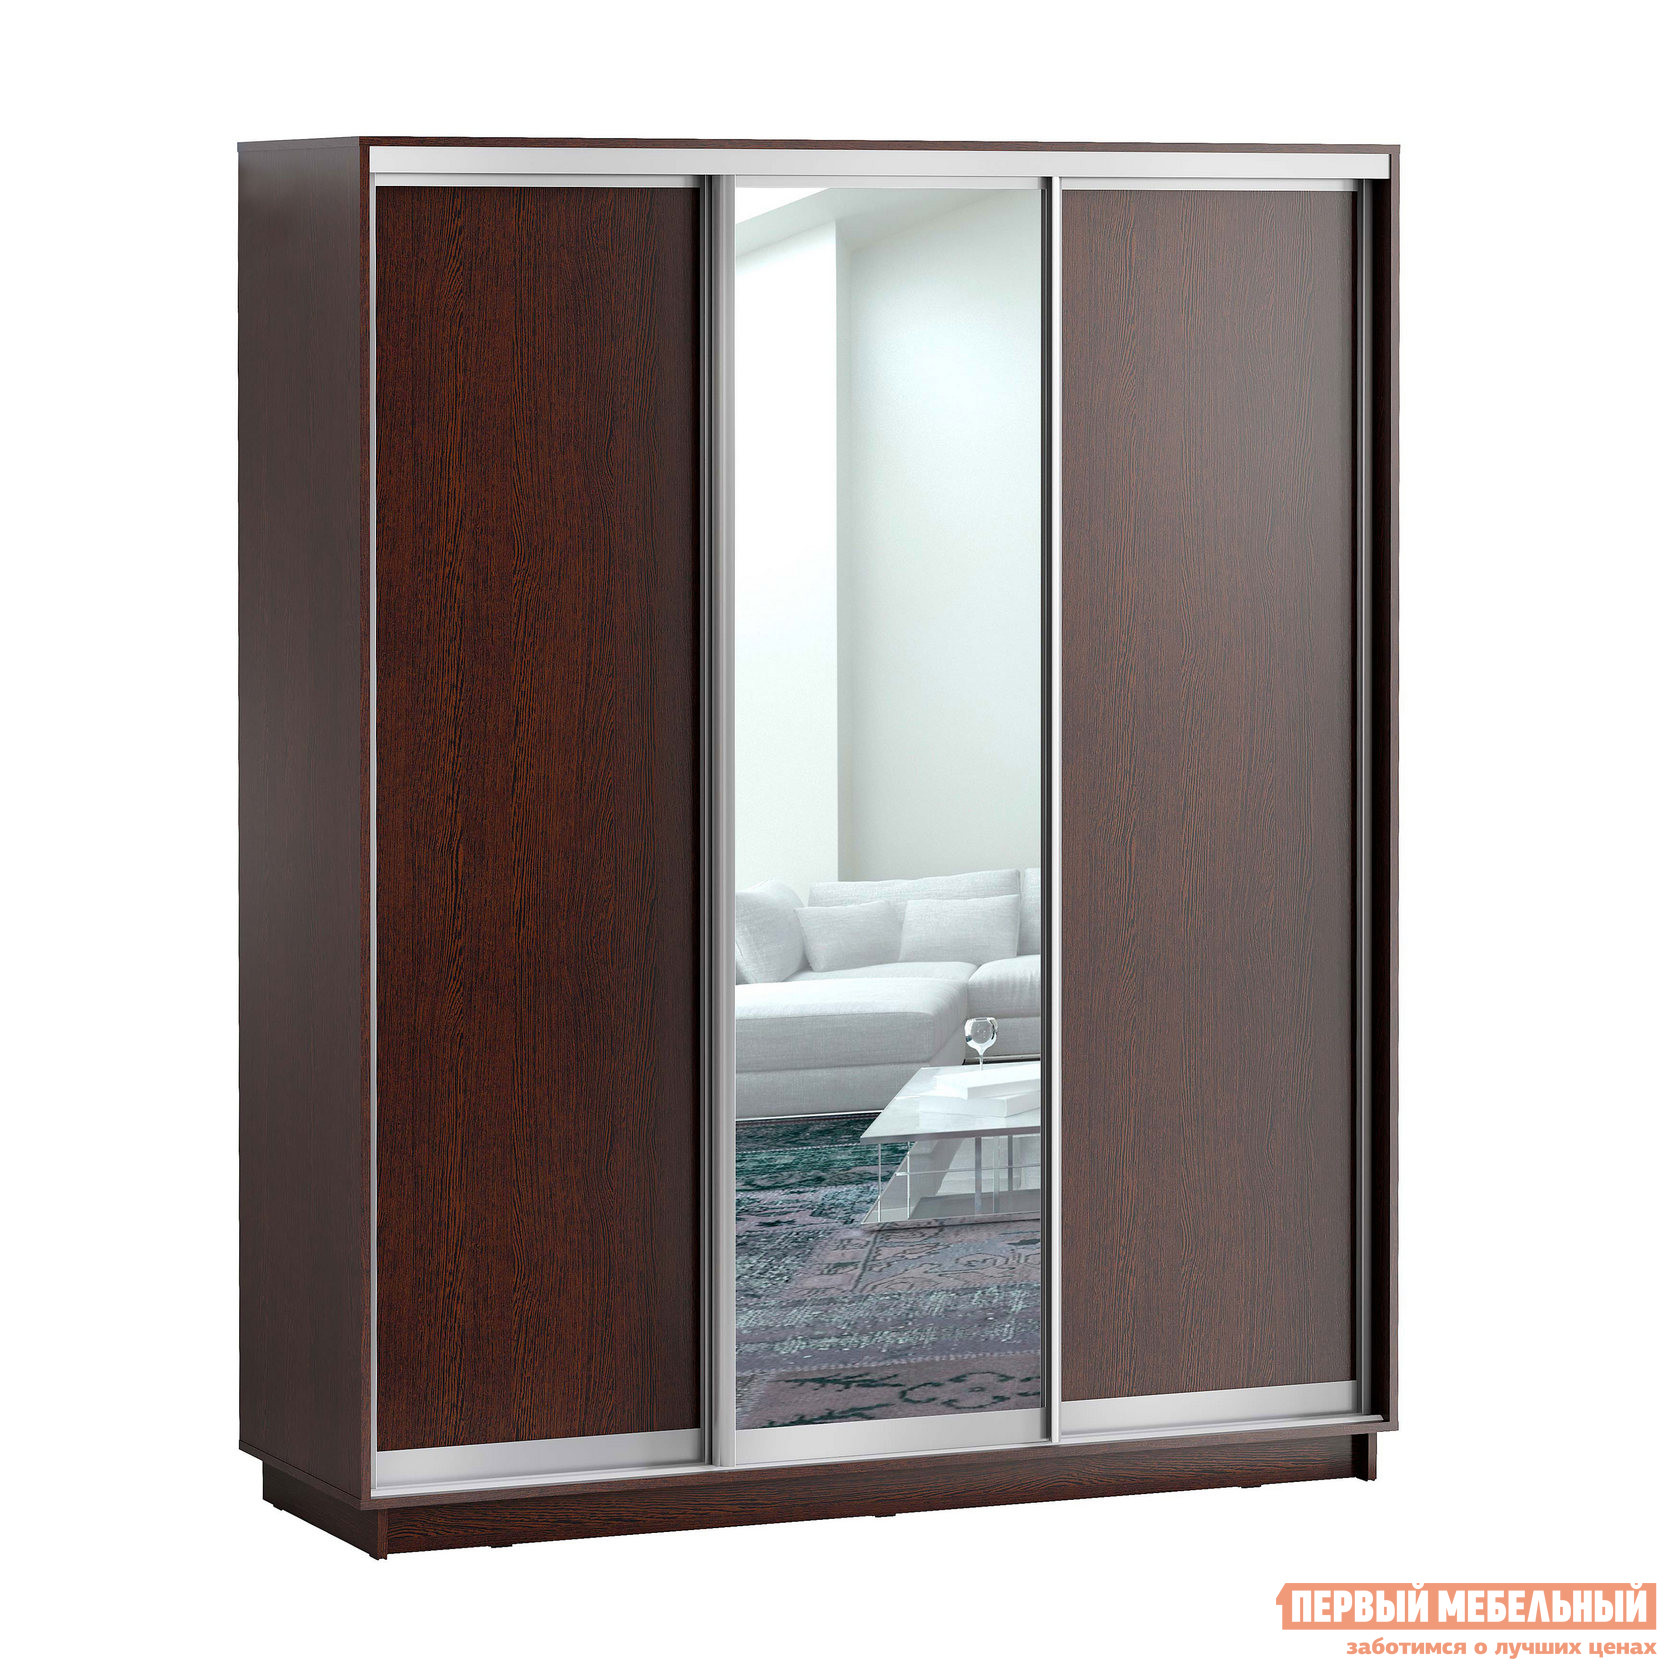 Шкаф-купе Первый Мебельный Шкаф купе Лео 3-х дверный с одним зеркалом шкаф купе первый мебельный шкаф купе комфорт 12 13 молния